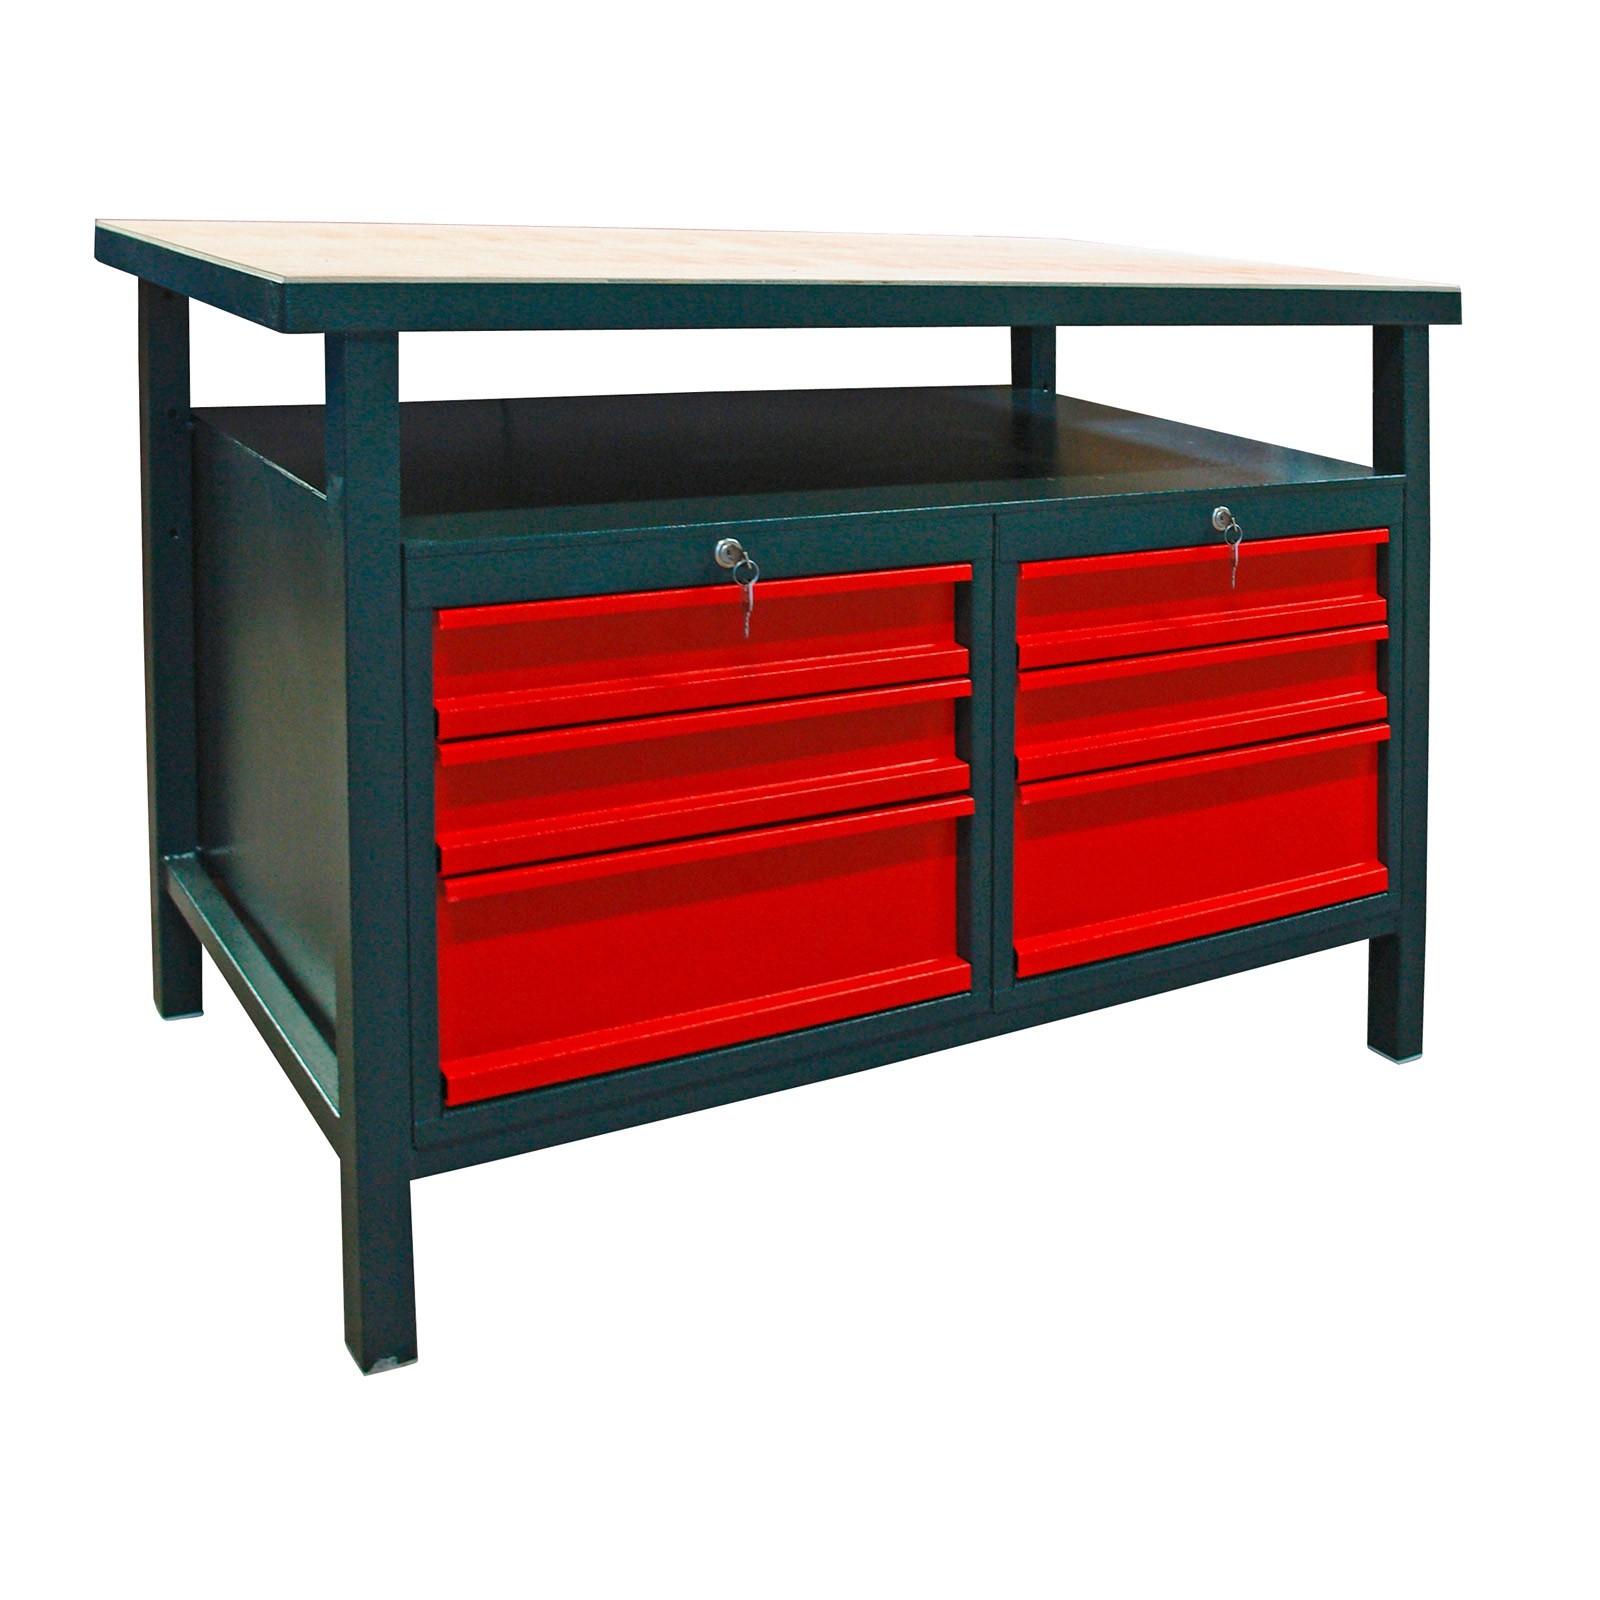 profi werkbank werktisch arbeitstisch mit 6 schubladen anthrazit ebay. Black Bedroom Furniture Sets. Home Design Ideas